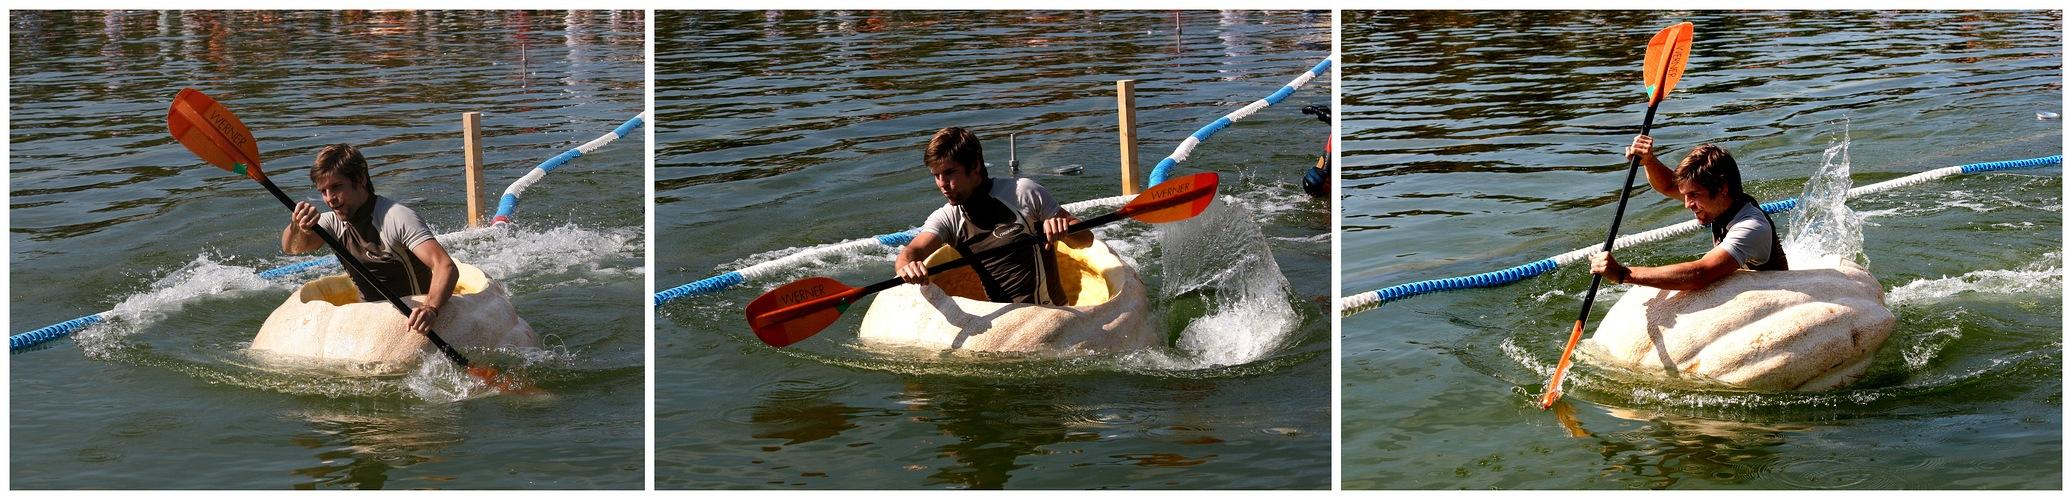 Kürbisbootrennen